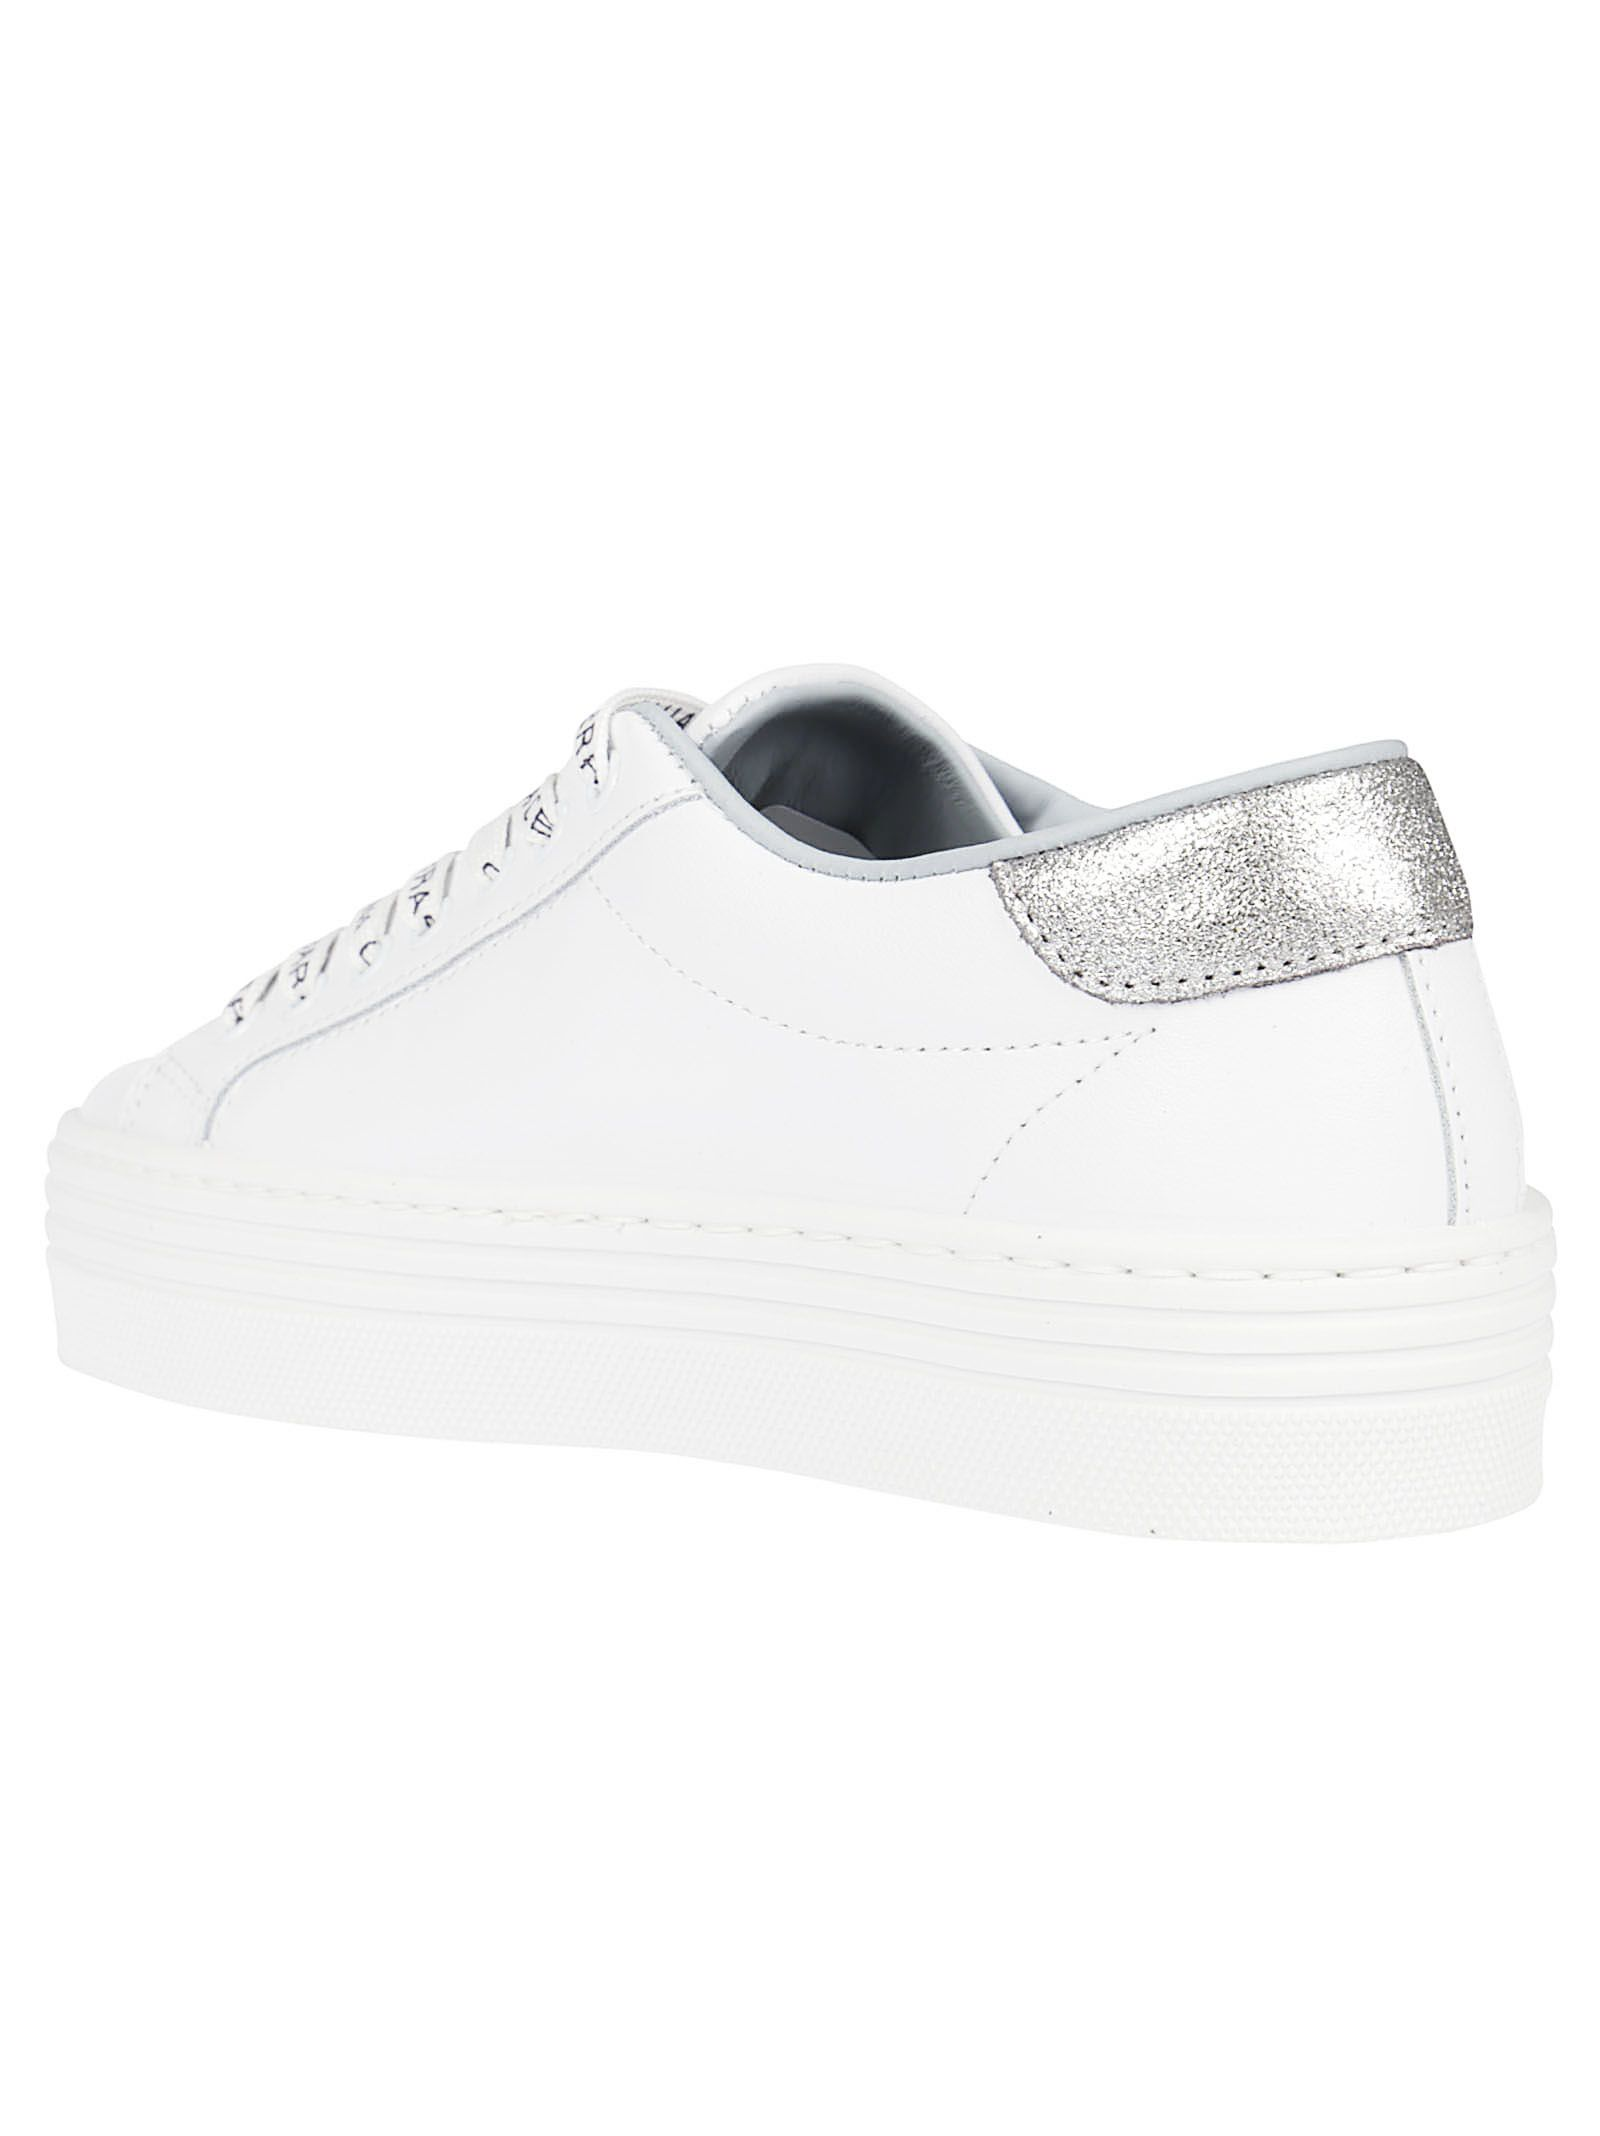 Chiara Suite sneakers - White Chiara Ferragni